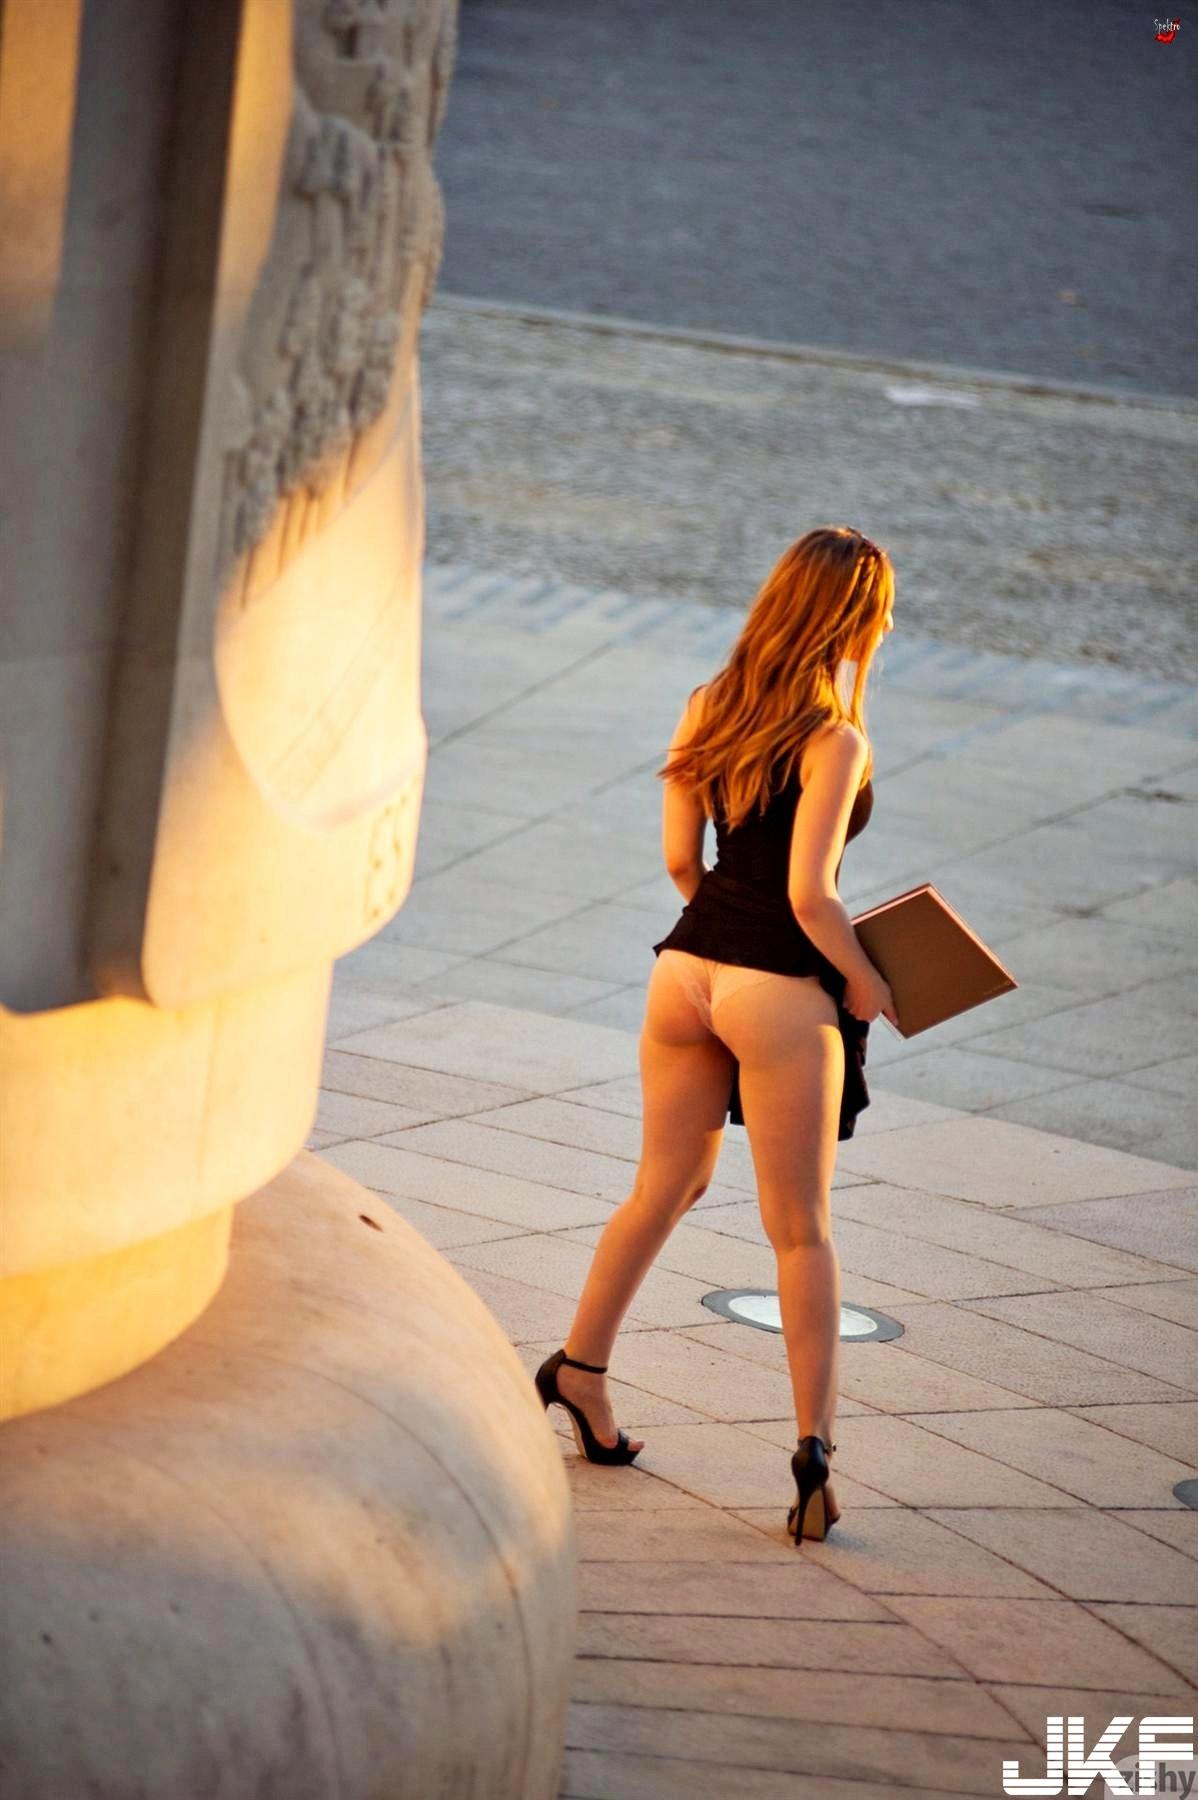 Nonnude-Babe-Stella-Cox-Wearing-Platform-High-Heels-17.jpg